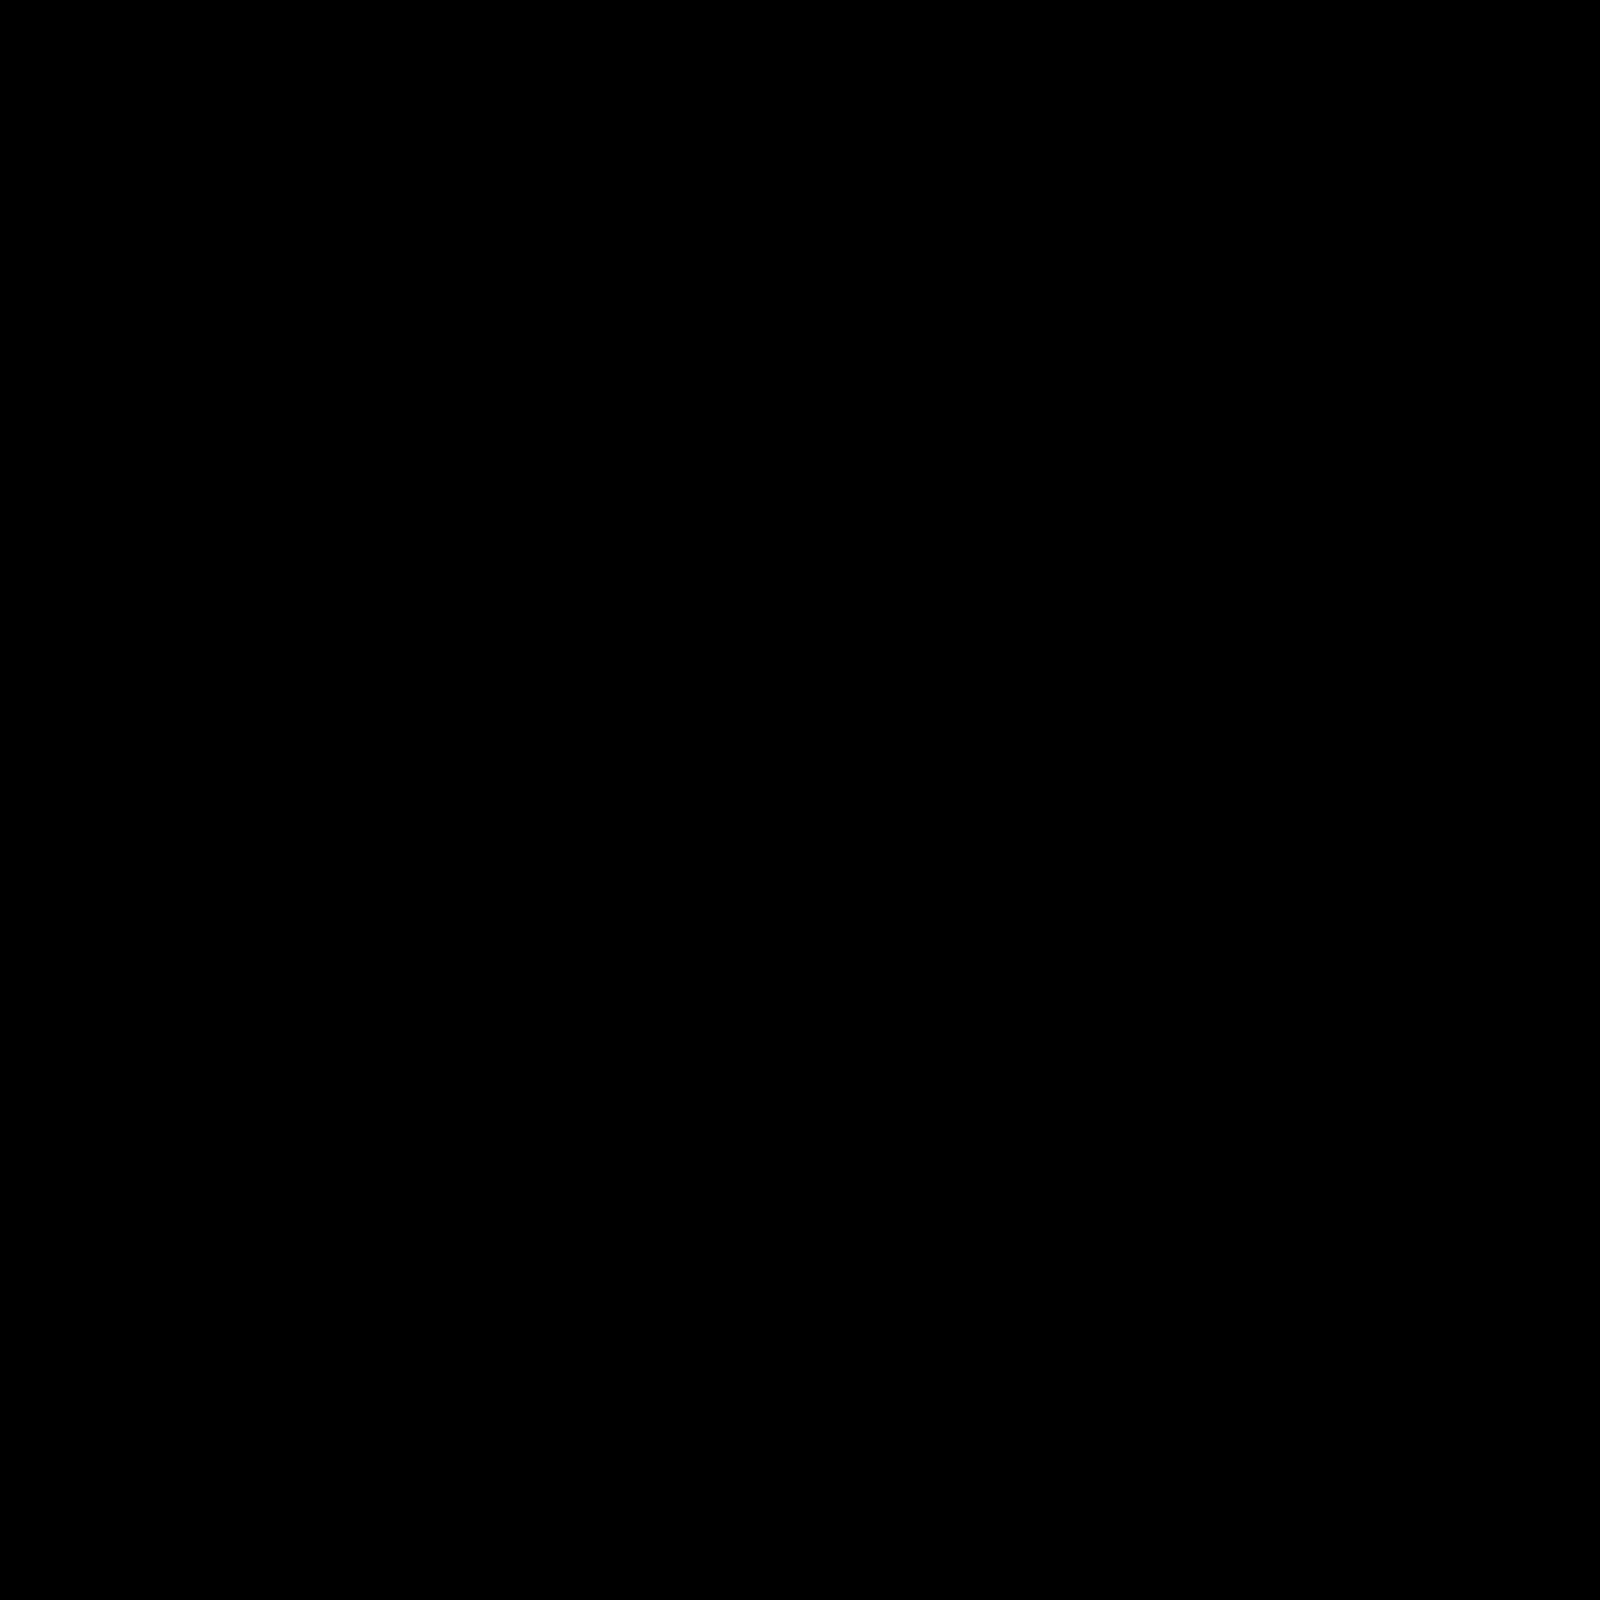 Animated Skeleton icon